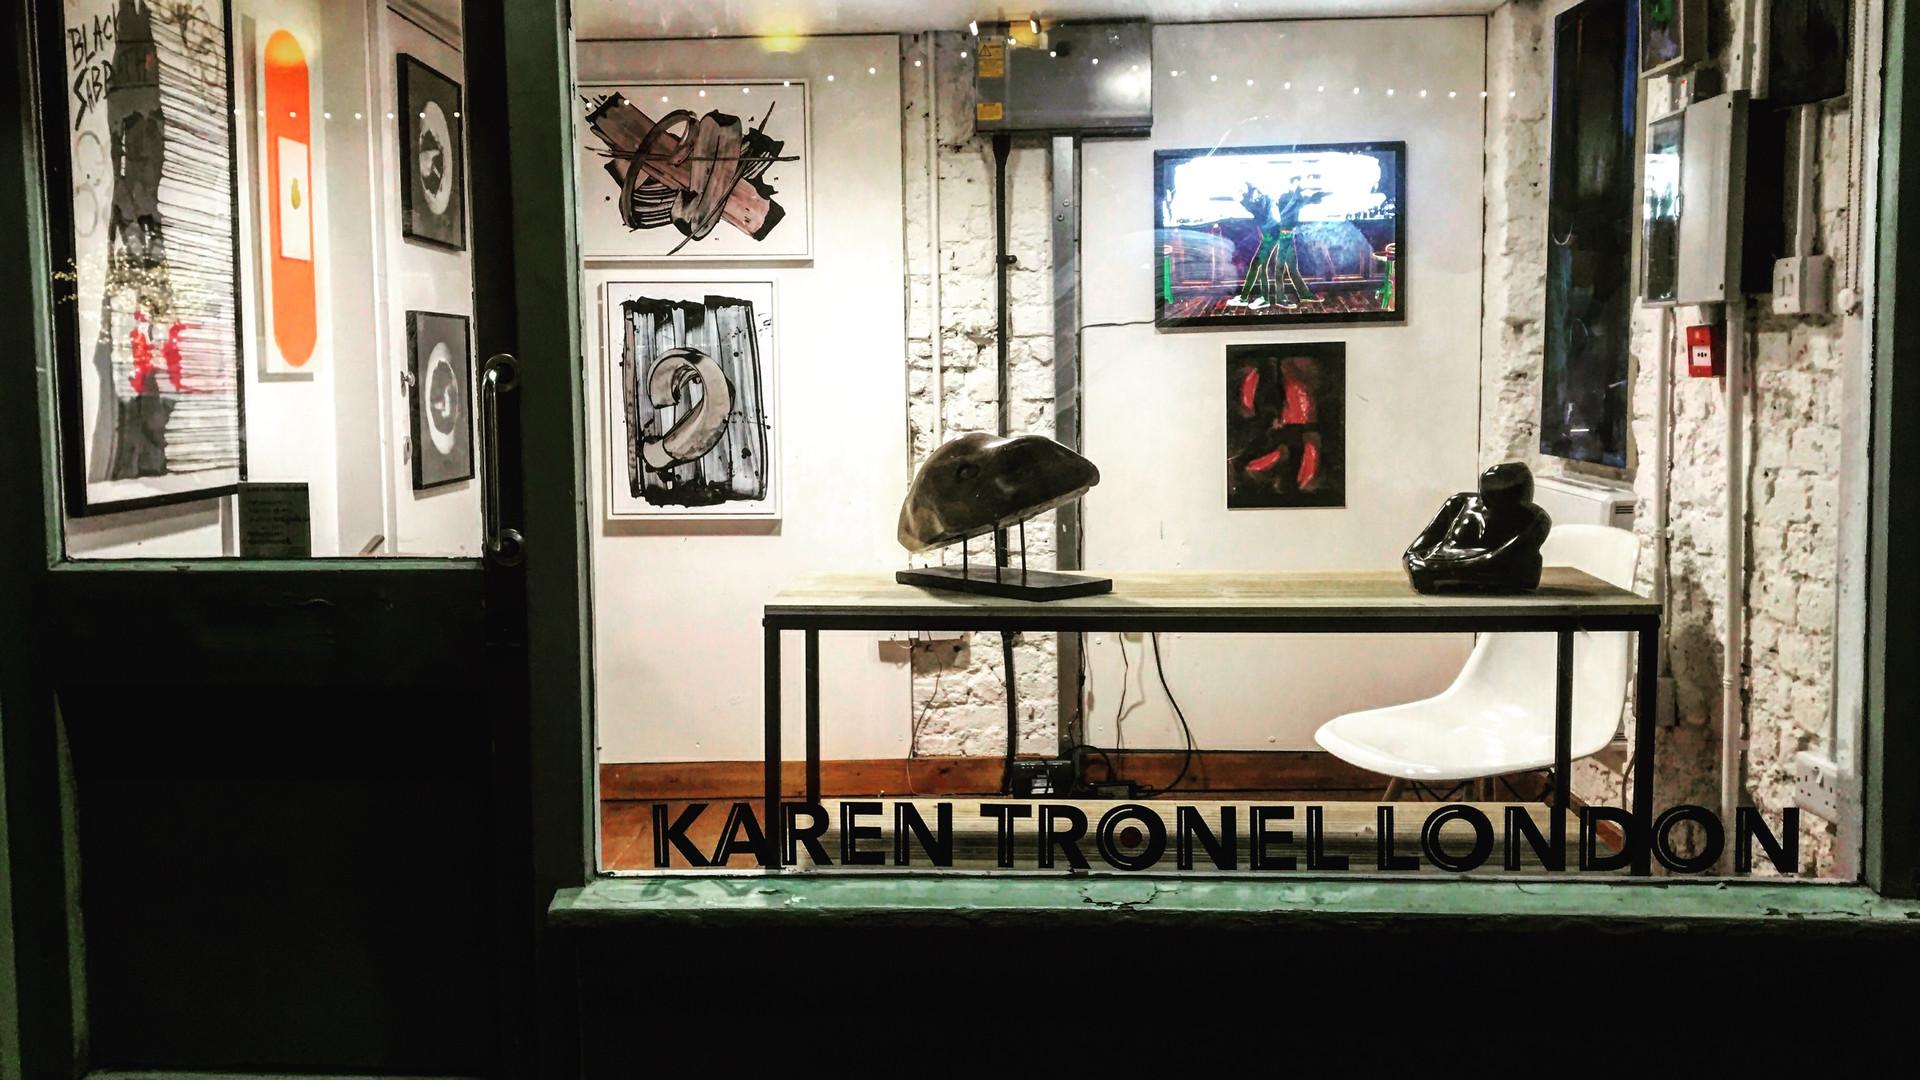 Karen Tronel London - Summer 2019